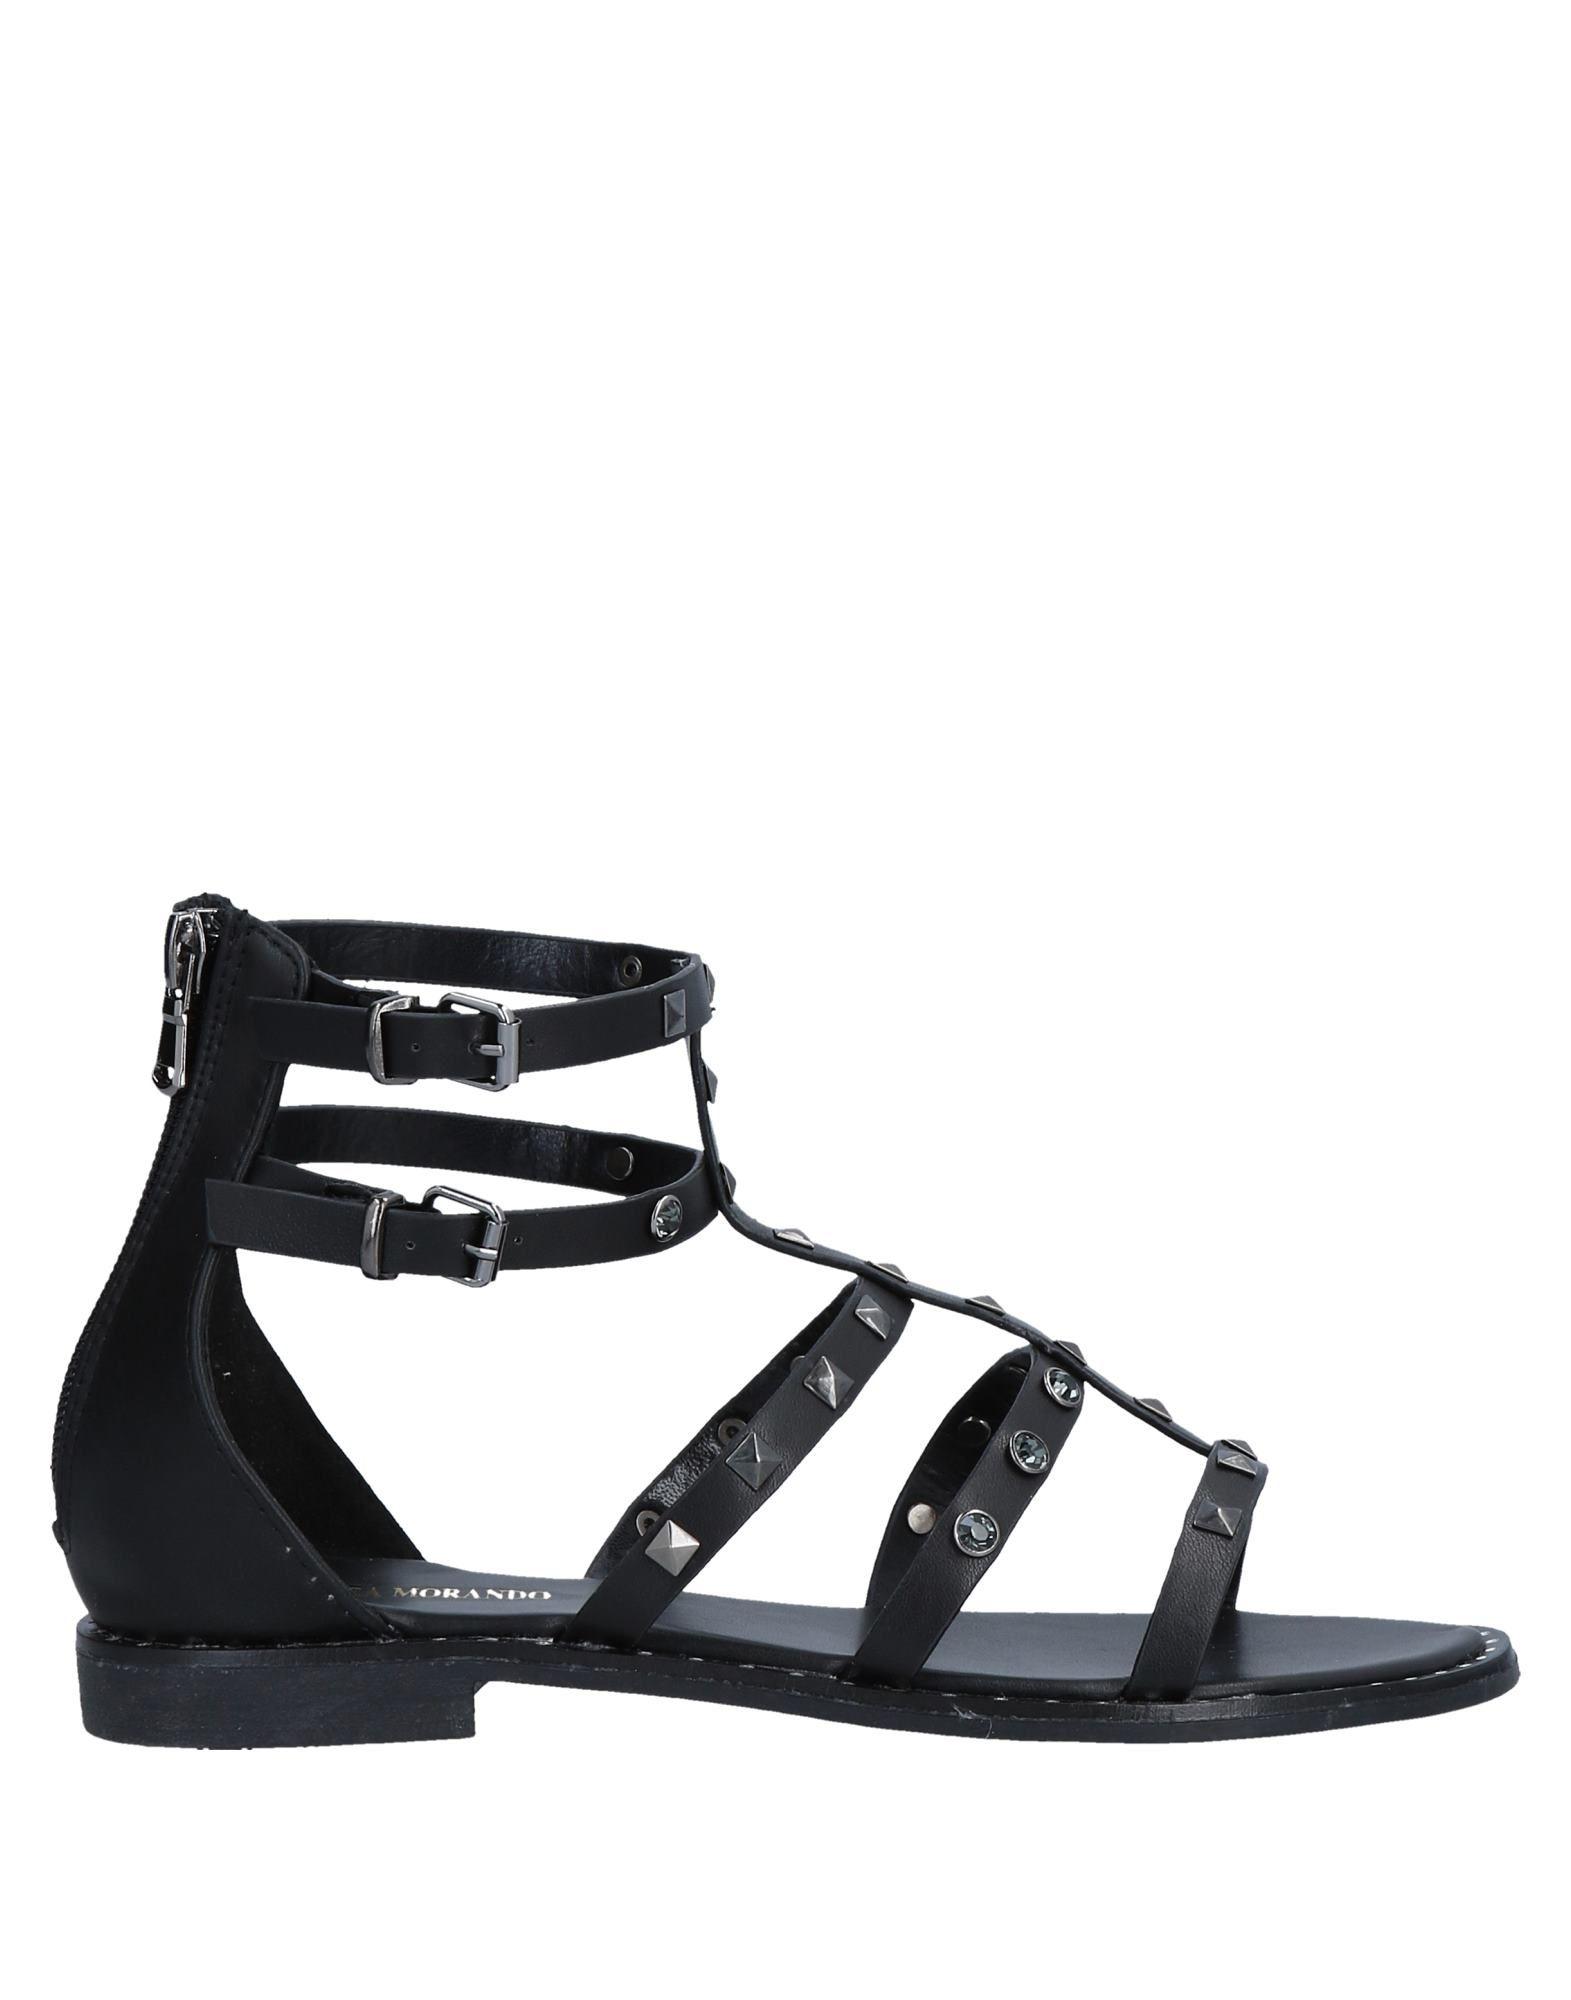 Andrea Morando Sandalen Sandalen Sandalen Damen  11596279WC Gute Qualität beliebte Schuhe 8d6bee